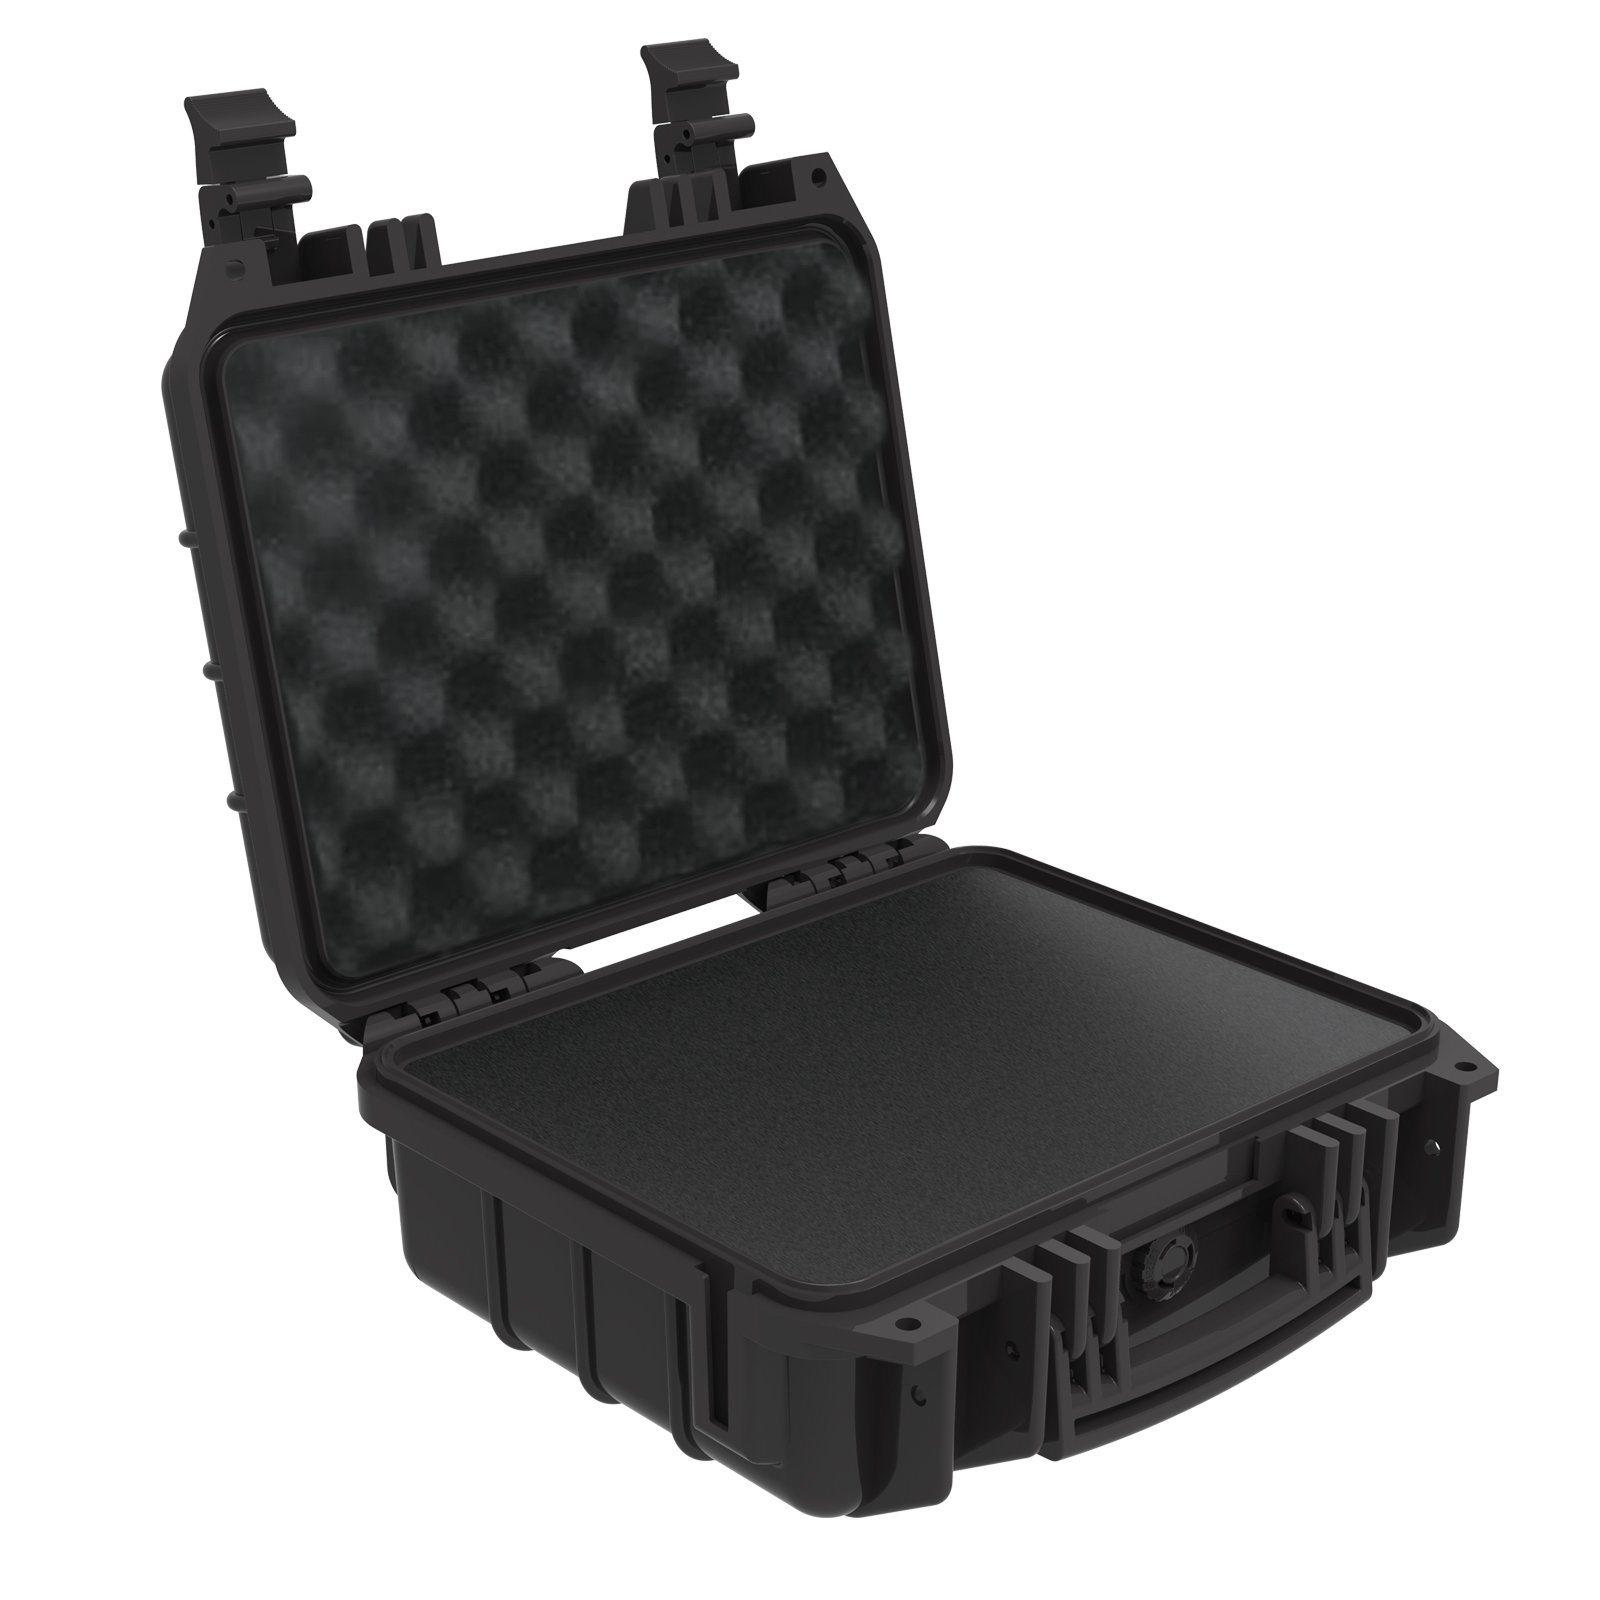 Wterproof Case Fs288